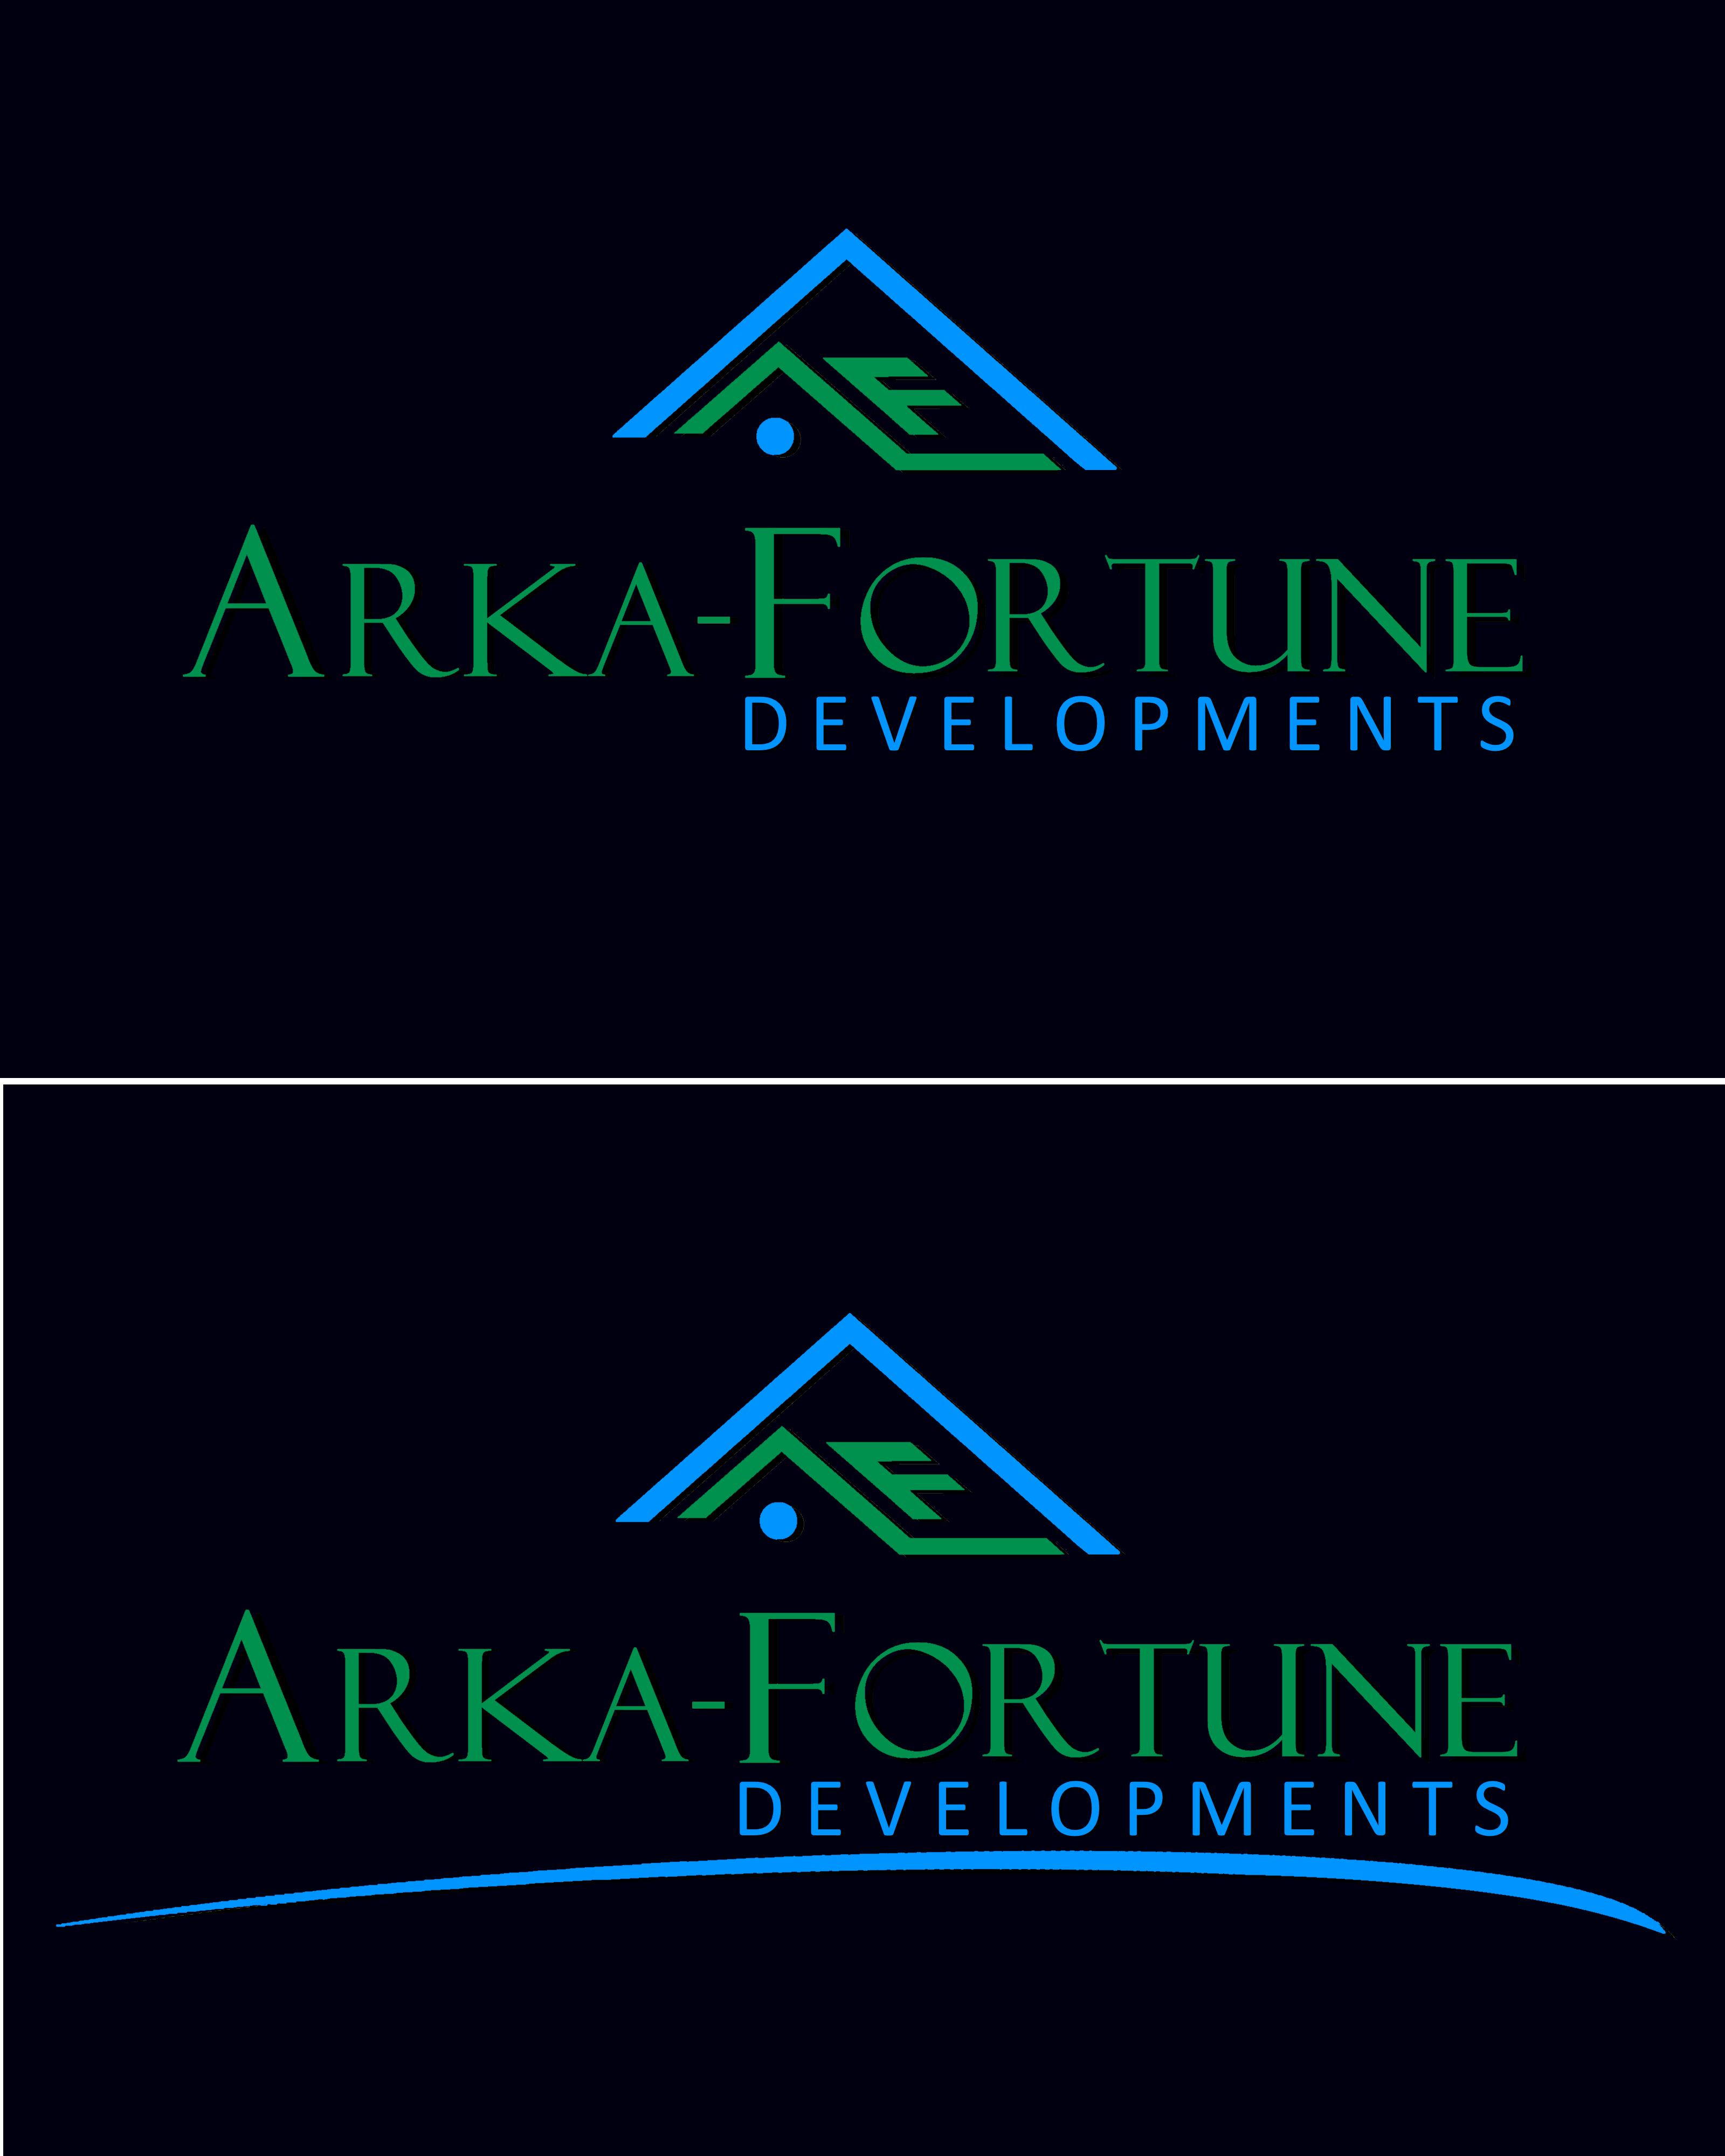 Logo Design by Roberto Bassi - Entry No. 91 in the Logo Design Contest Arka-Fortune Developments Logo Design.